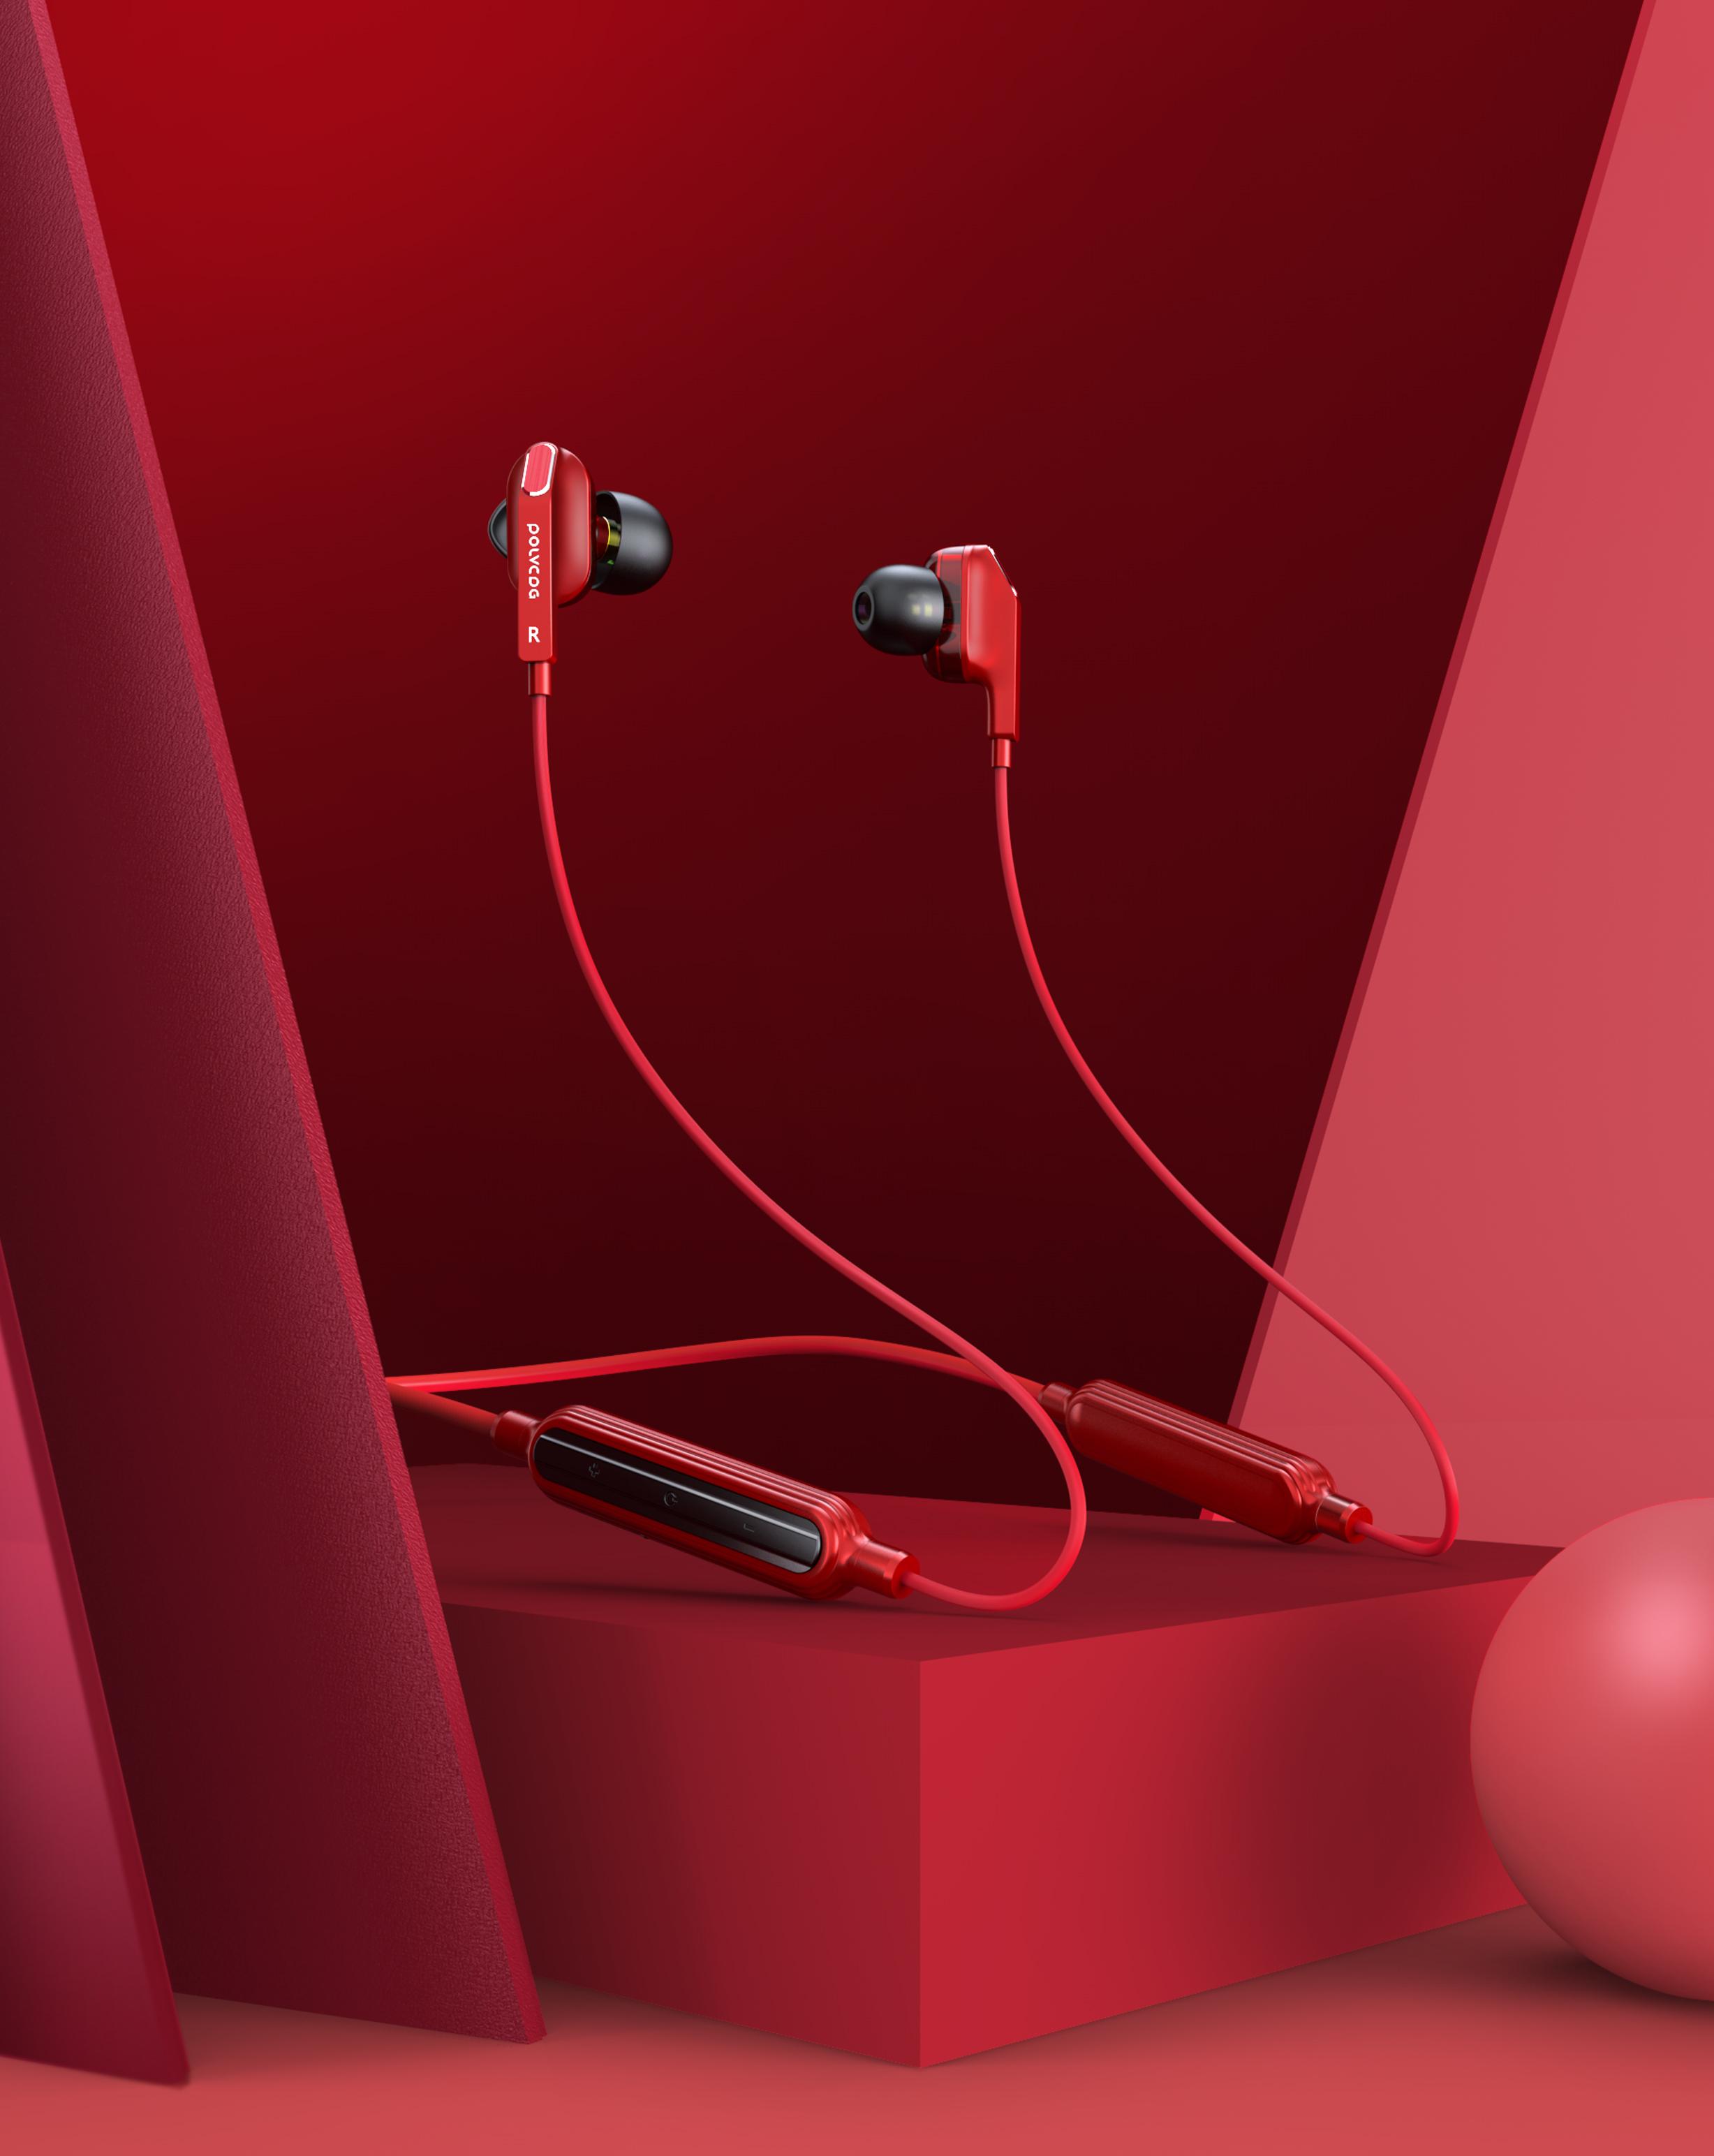 蓝牙耳机,音箱keyshot产品渲染